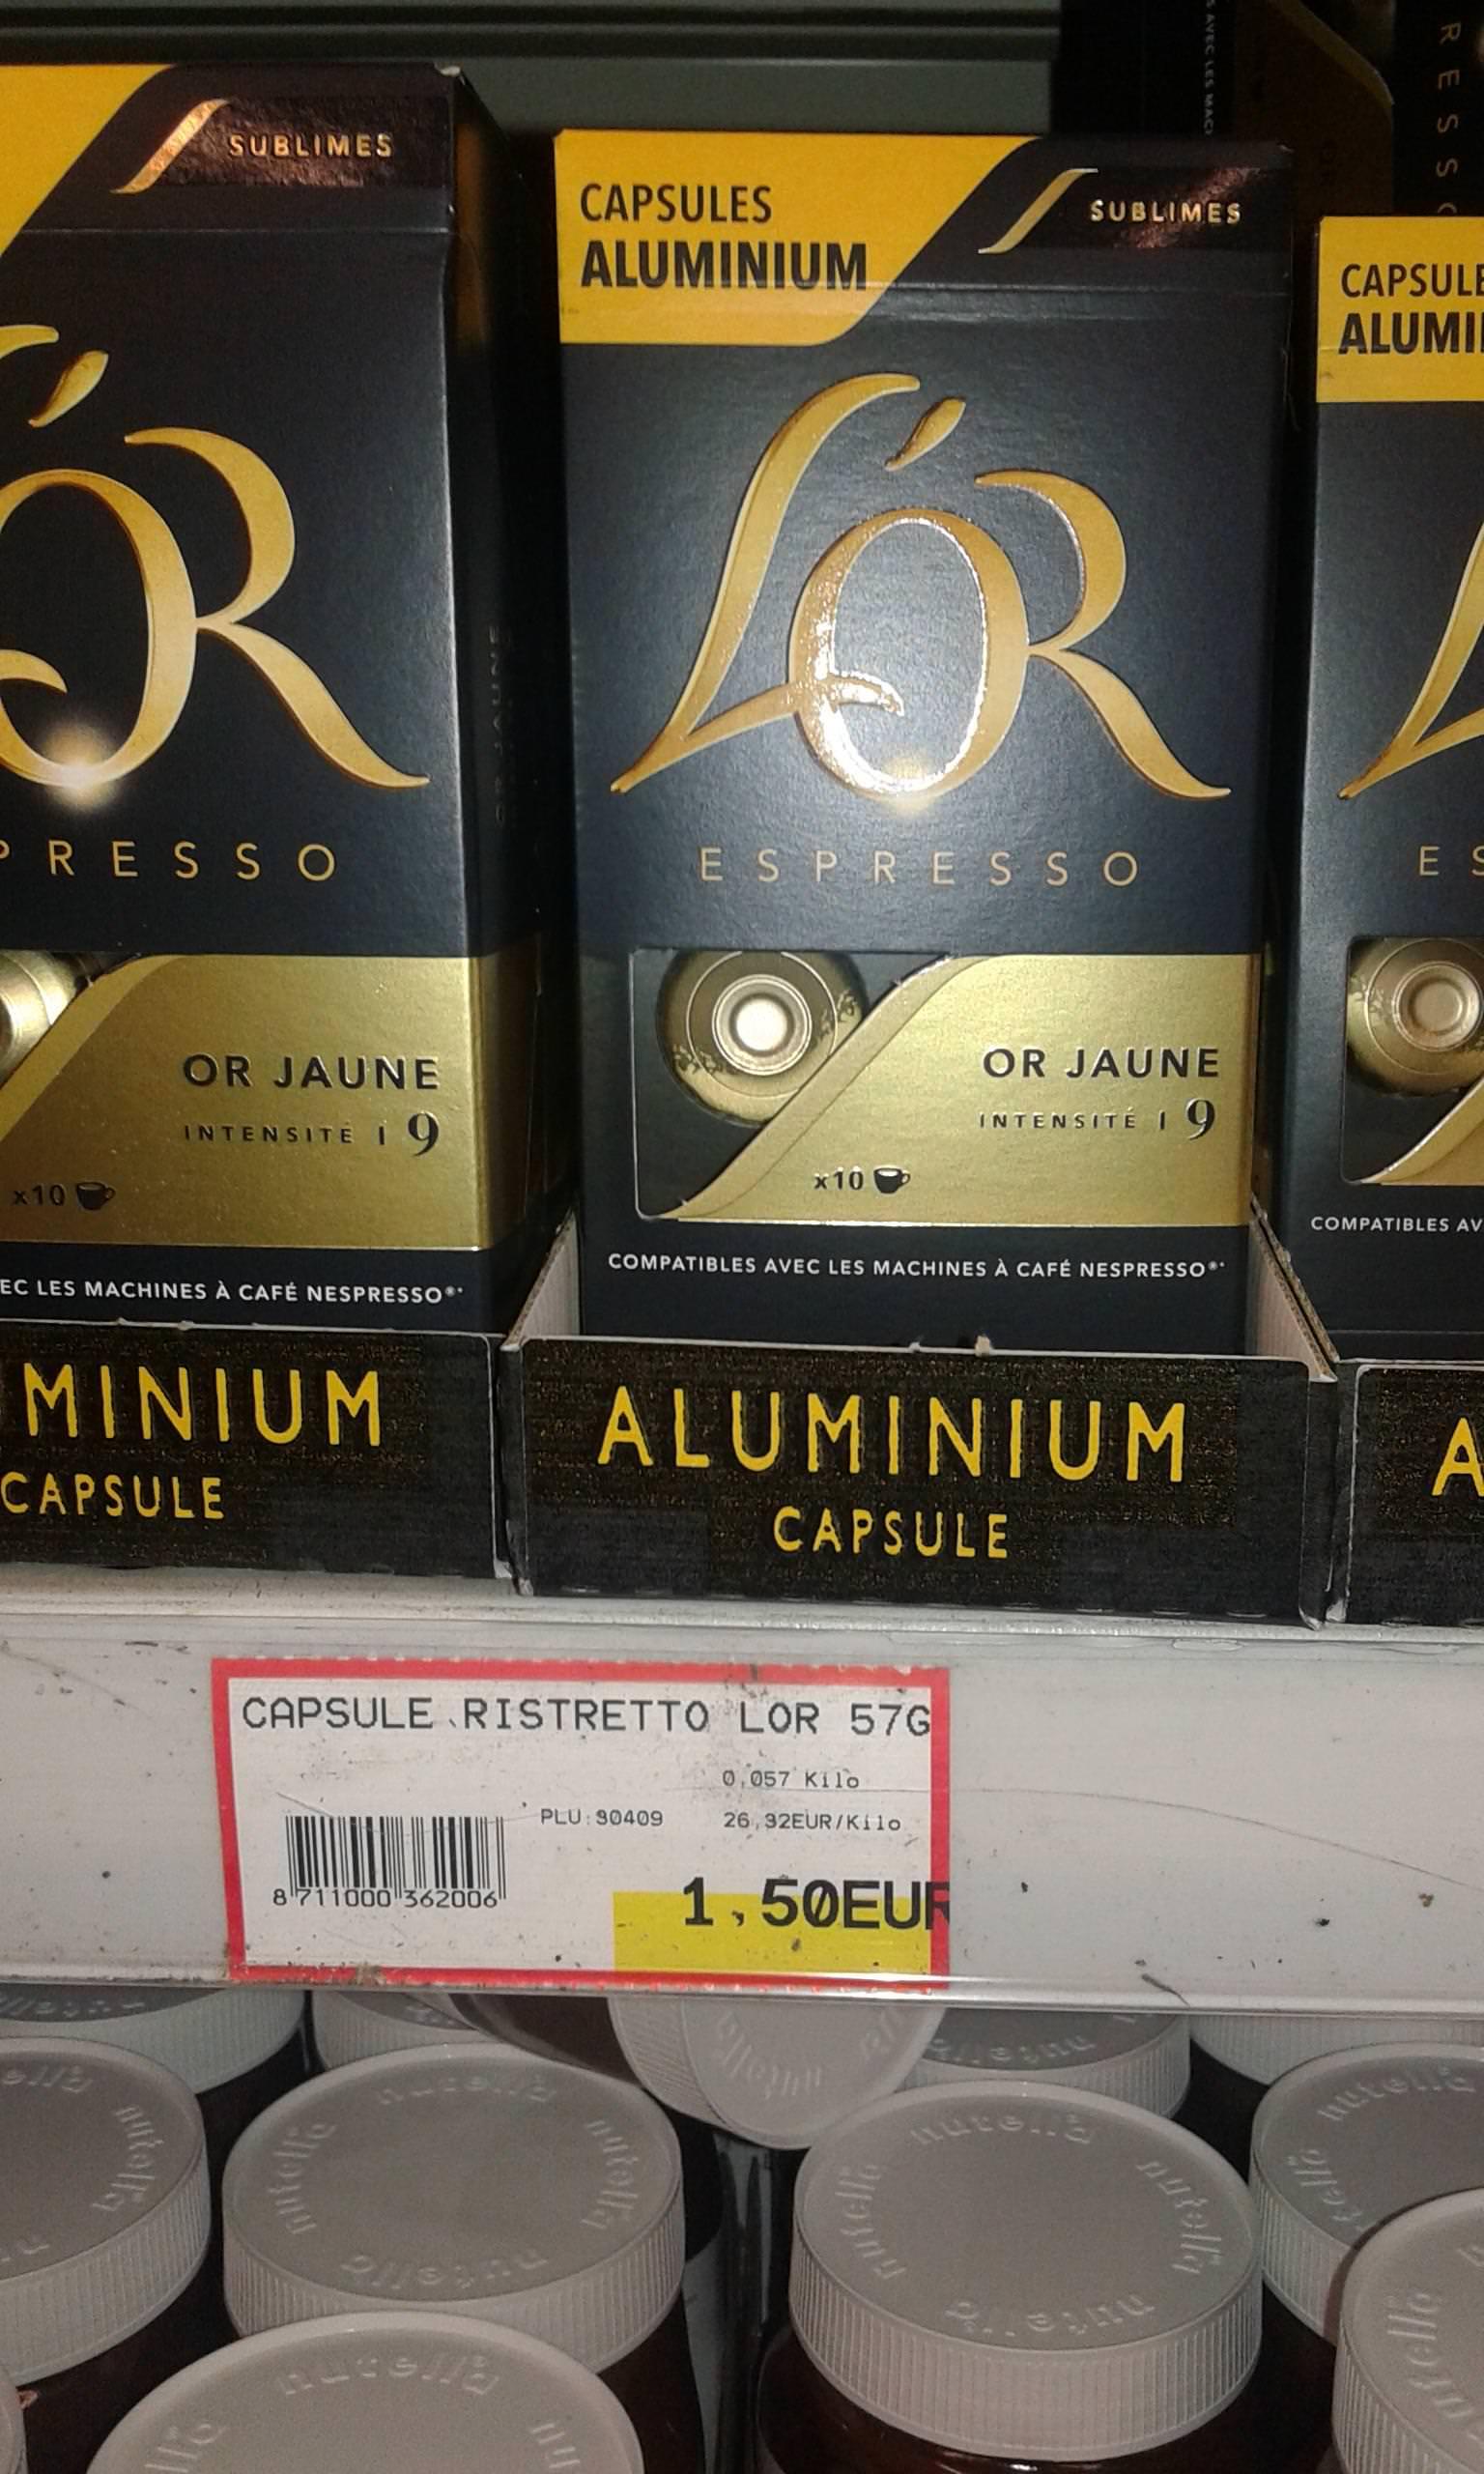 Paquet de 10 capsules de café L'Or Expresso Ristretto - or jaune, intensité 9 chez H-Market Aulnay-sous-Bois (93)